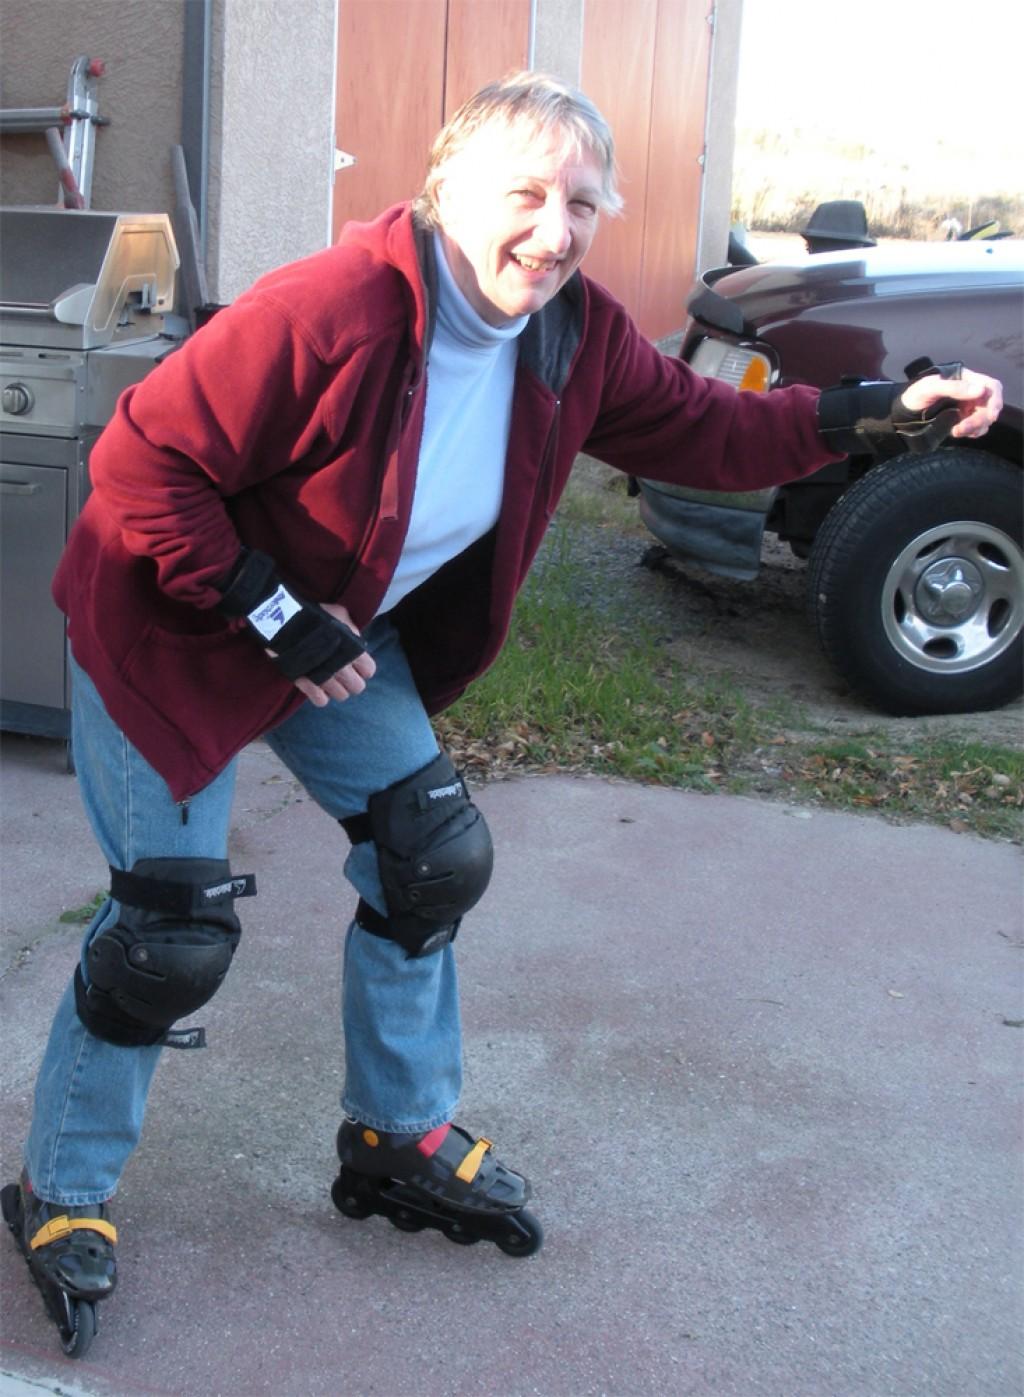 Sidewalk sport lane roller skate shoes - Sidewalk Sport Lane Roller Skate Shoes 56